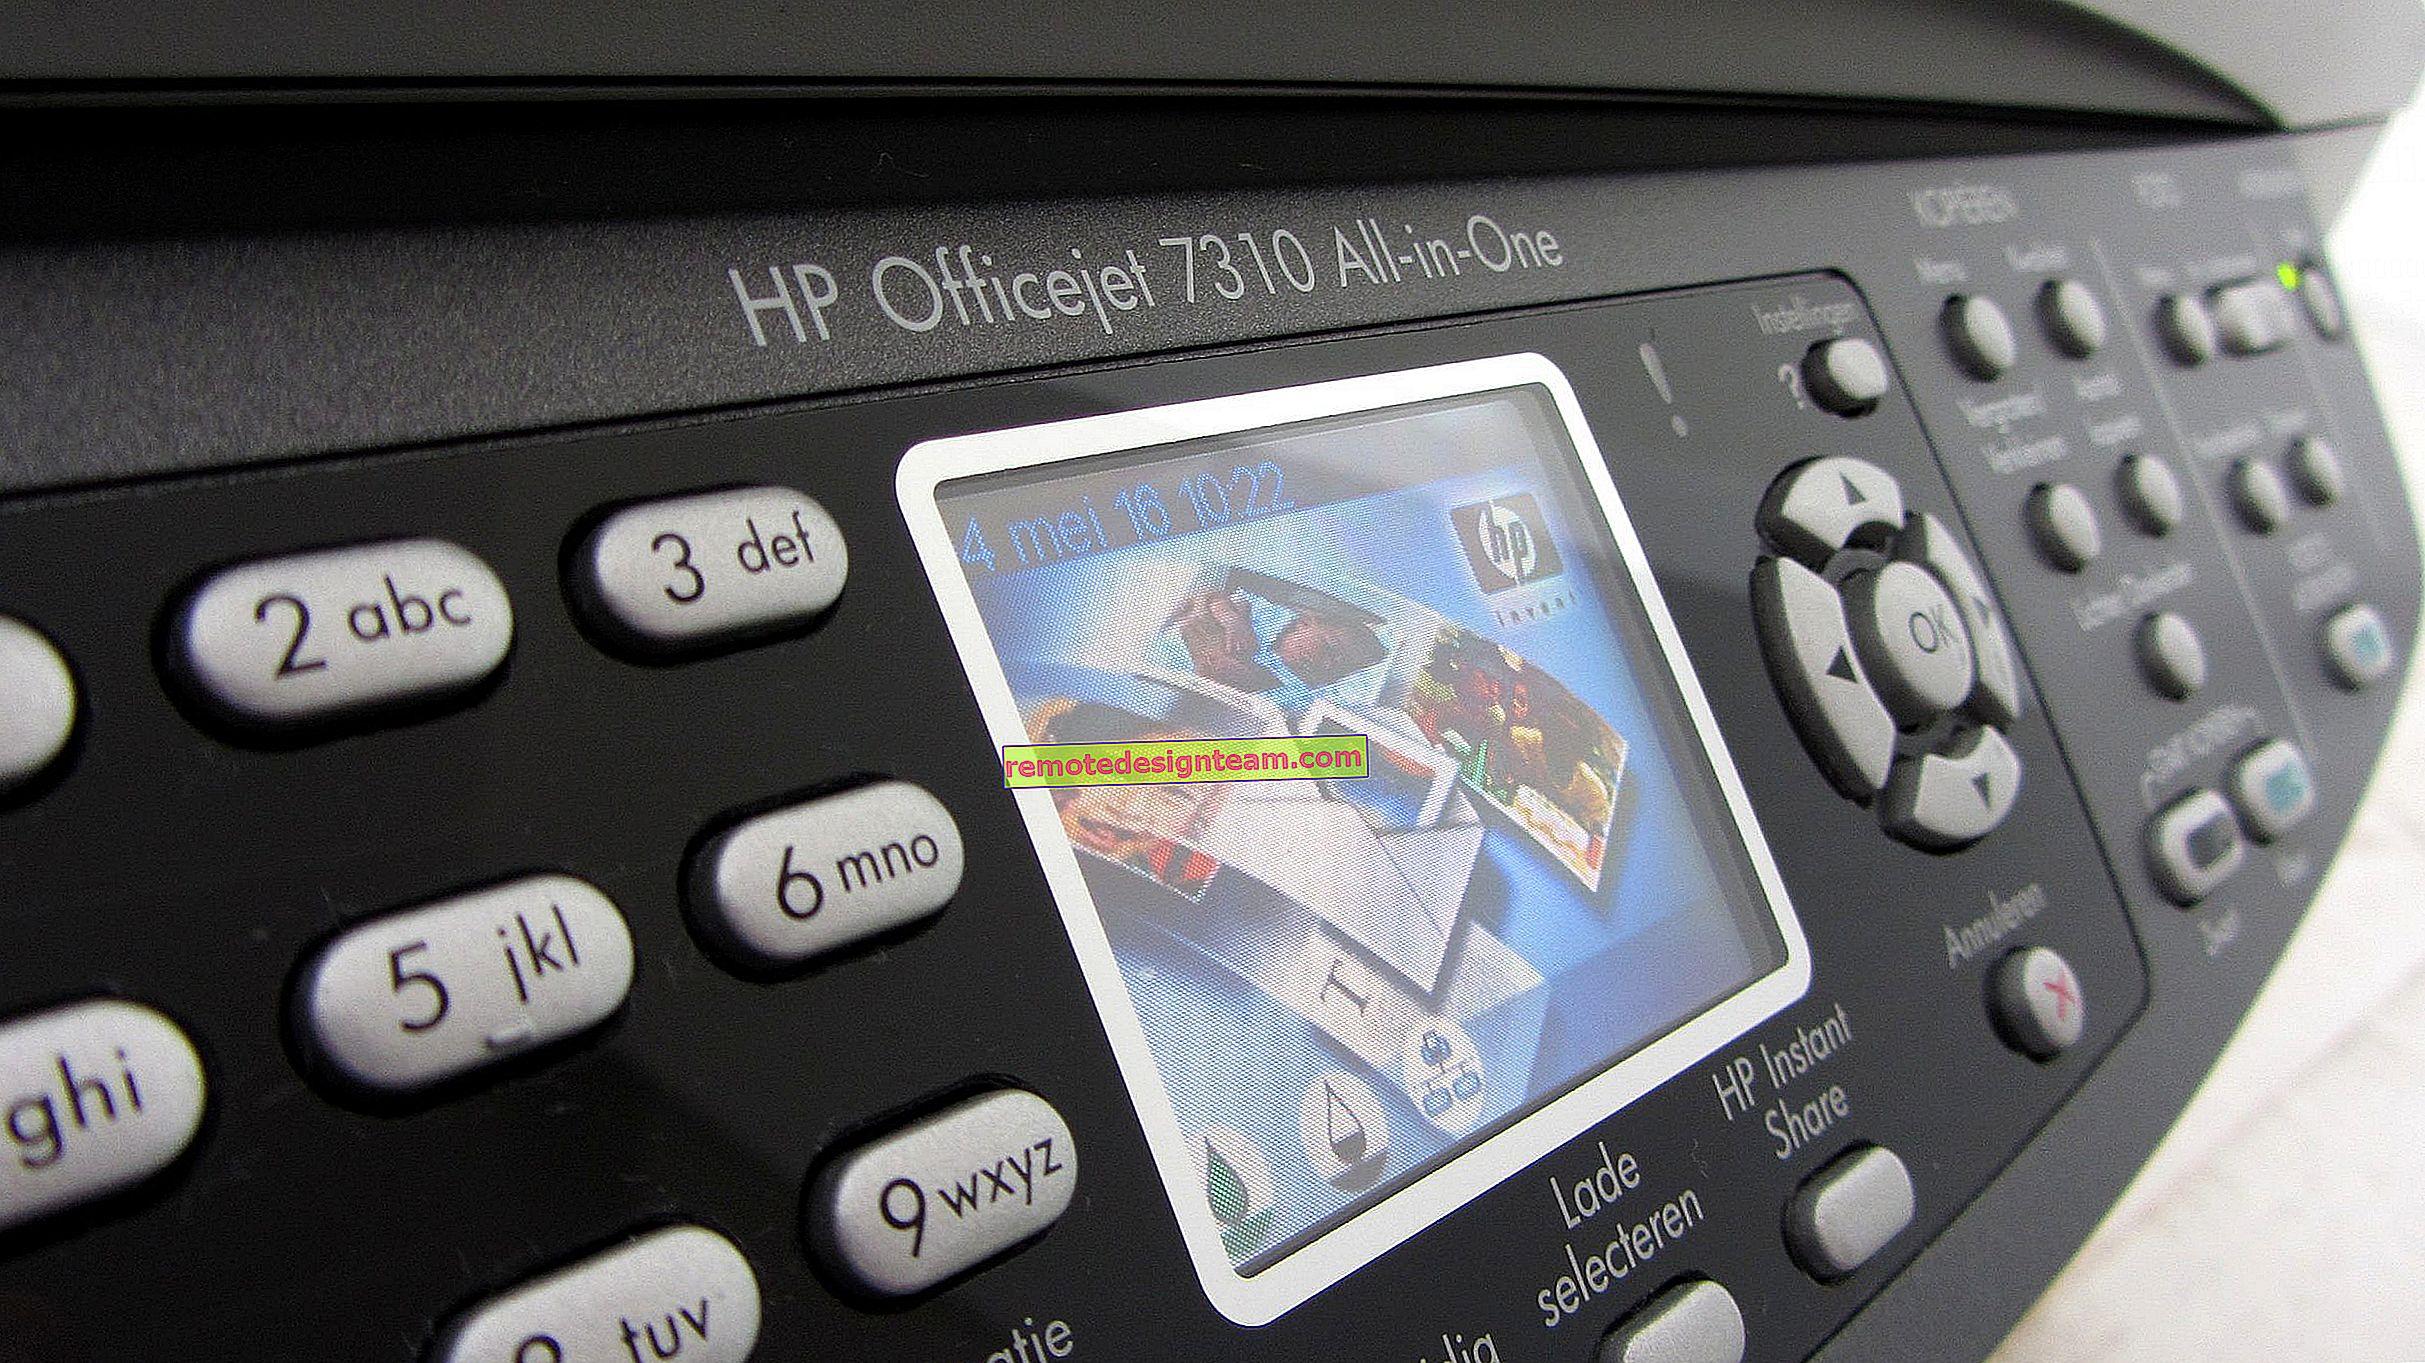 Bagaimana cara menyambungkan pencetak ke Wi-Fi jika tidak ada butang WPS pada penghala?